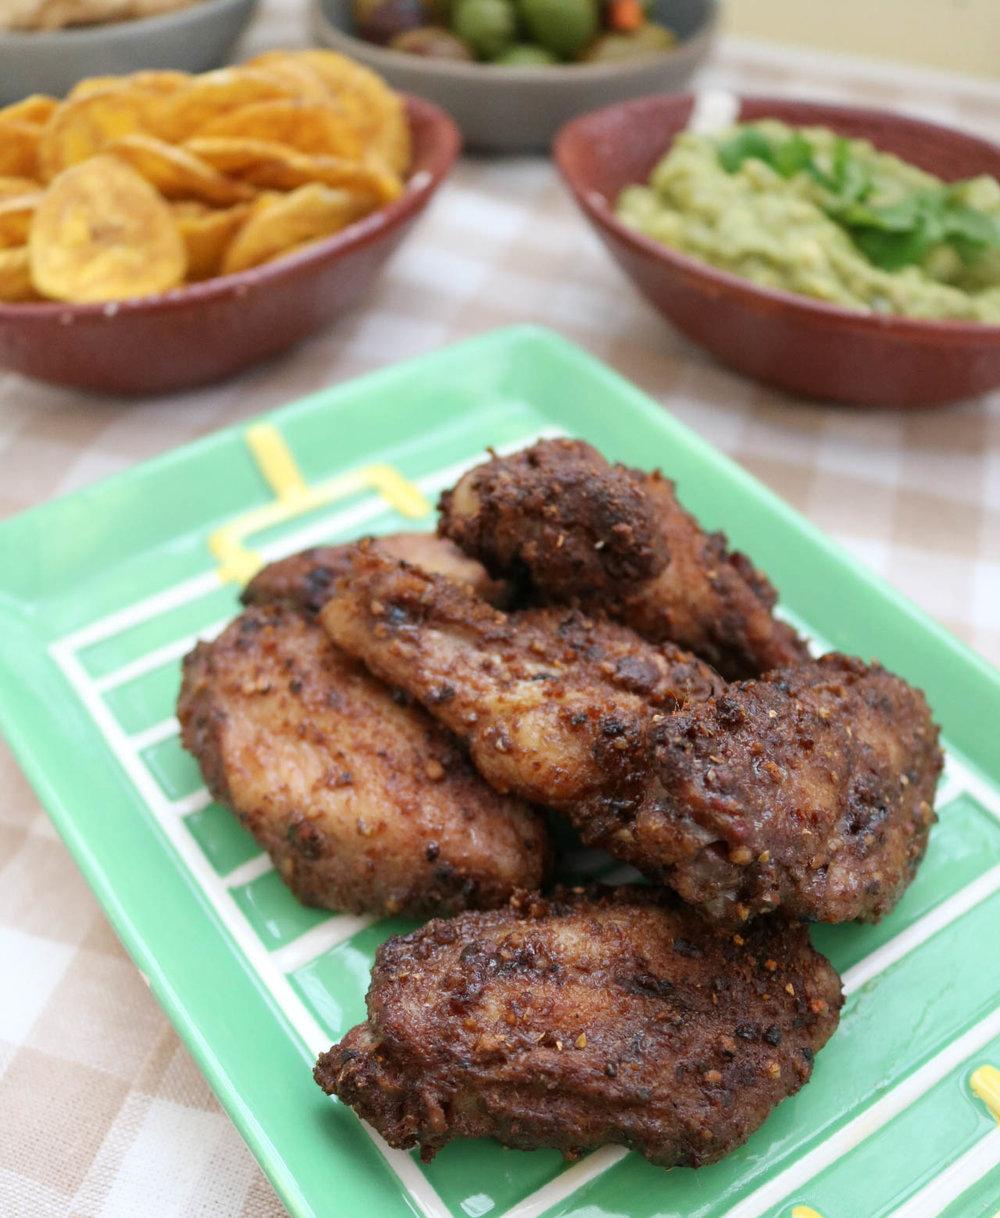 Paleo Jerk Chicken WIngs